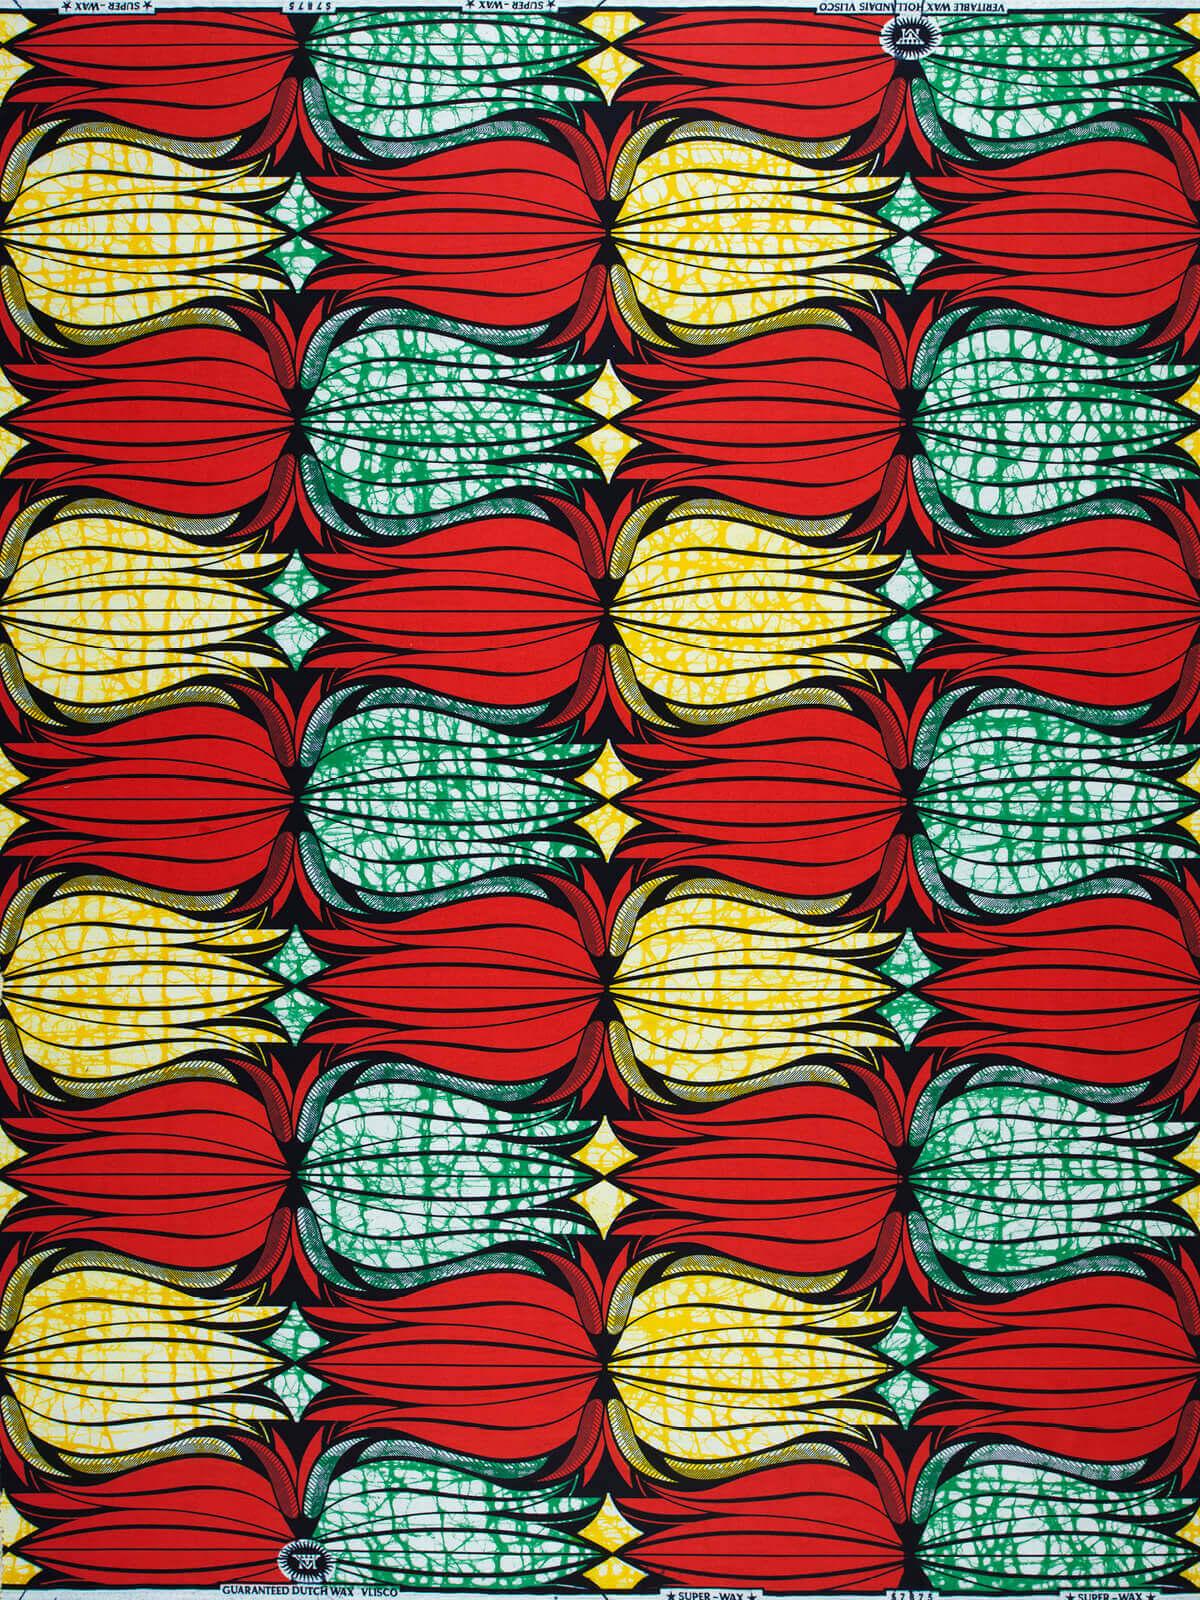 3 Vls7875 003 Lookbook Fabric W29 6